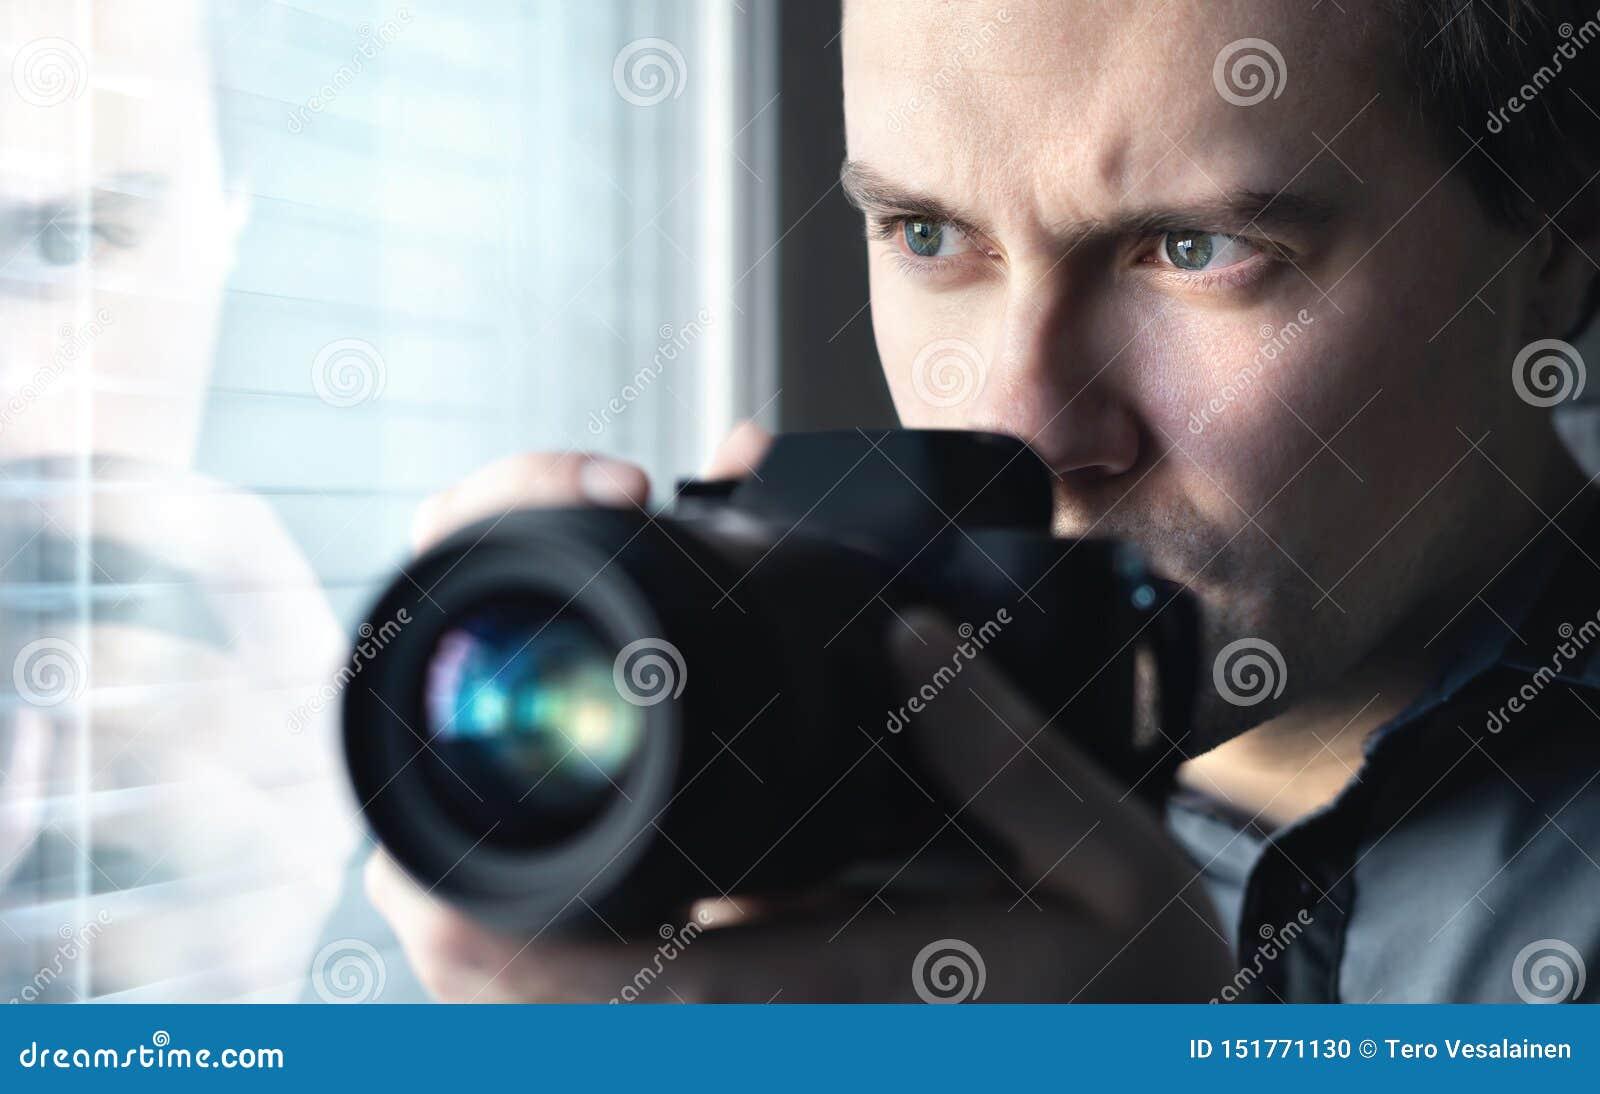 私家侦探、警方卧底、调查员、间谍或者无固定职业的摄影师有照相机照相的 代理或警察暗中侦察,调查